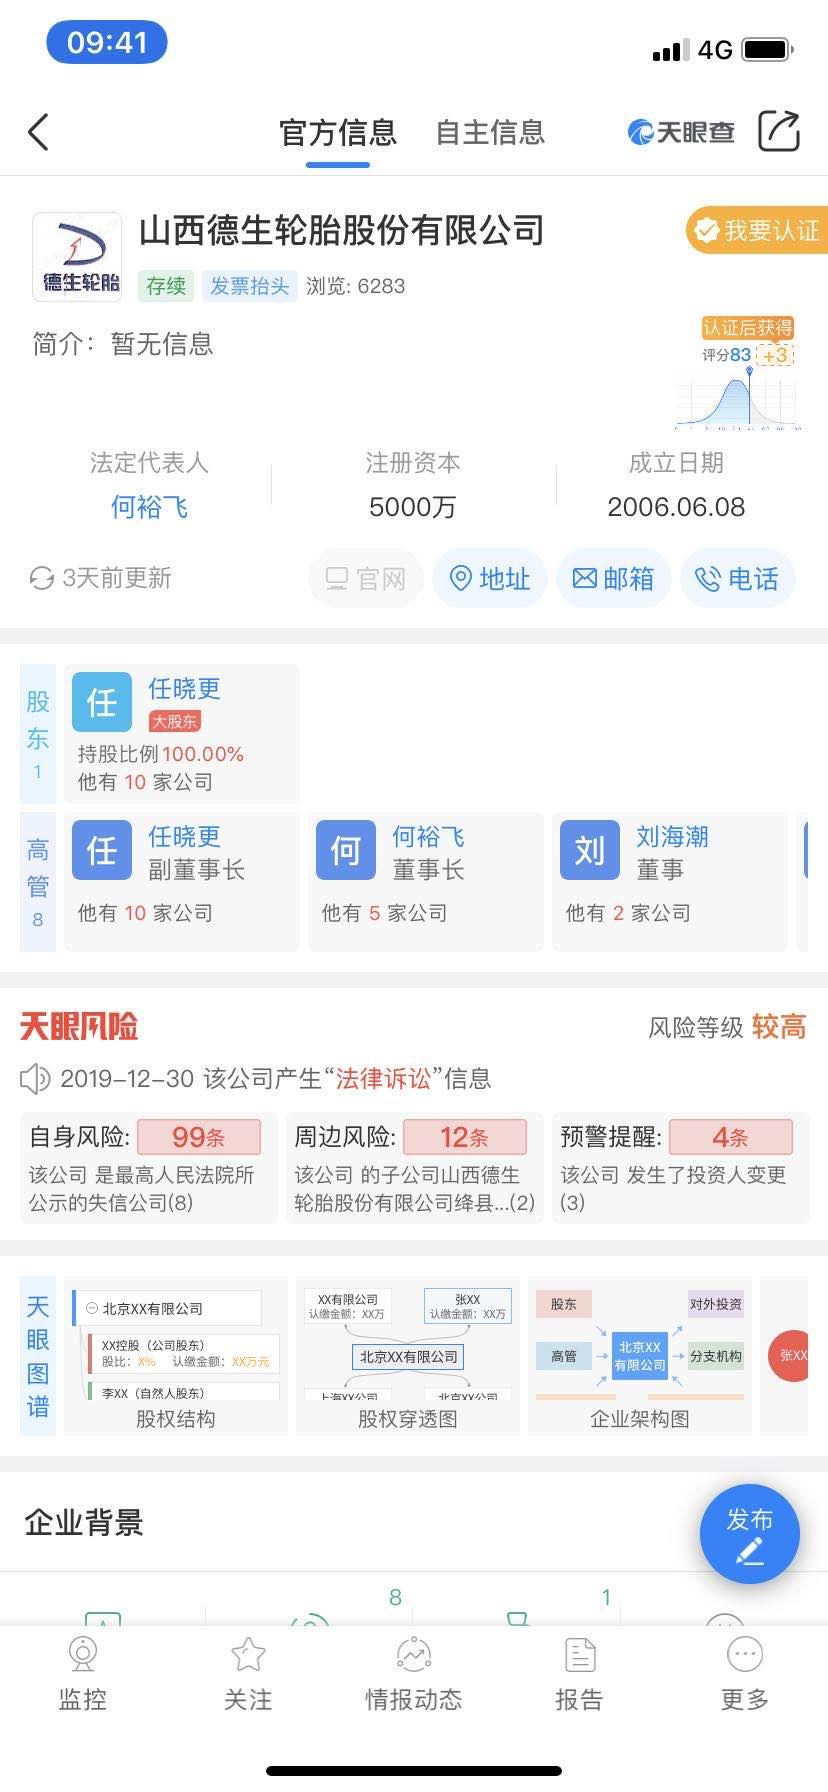 【威廉张】_犯罪集团头目秦志洲:从法院干部到县领导,被多名商人举报